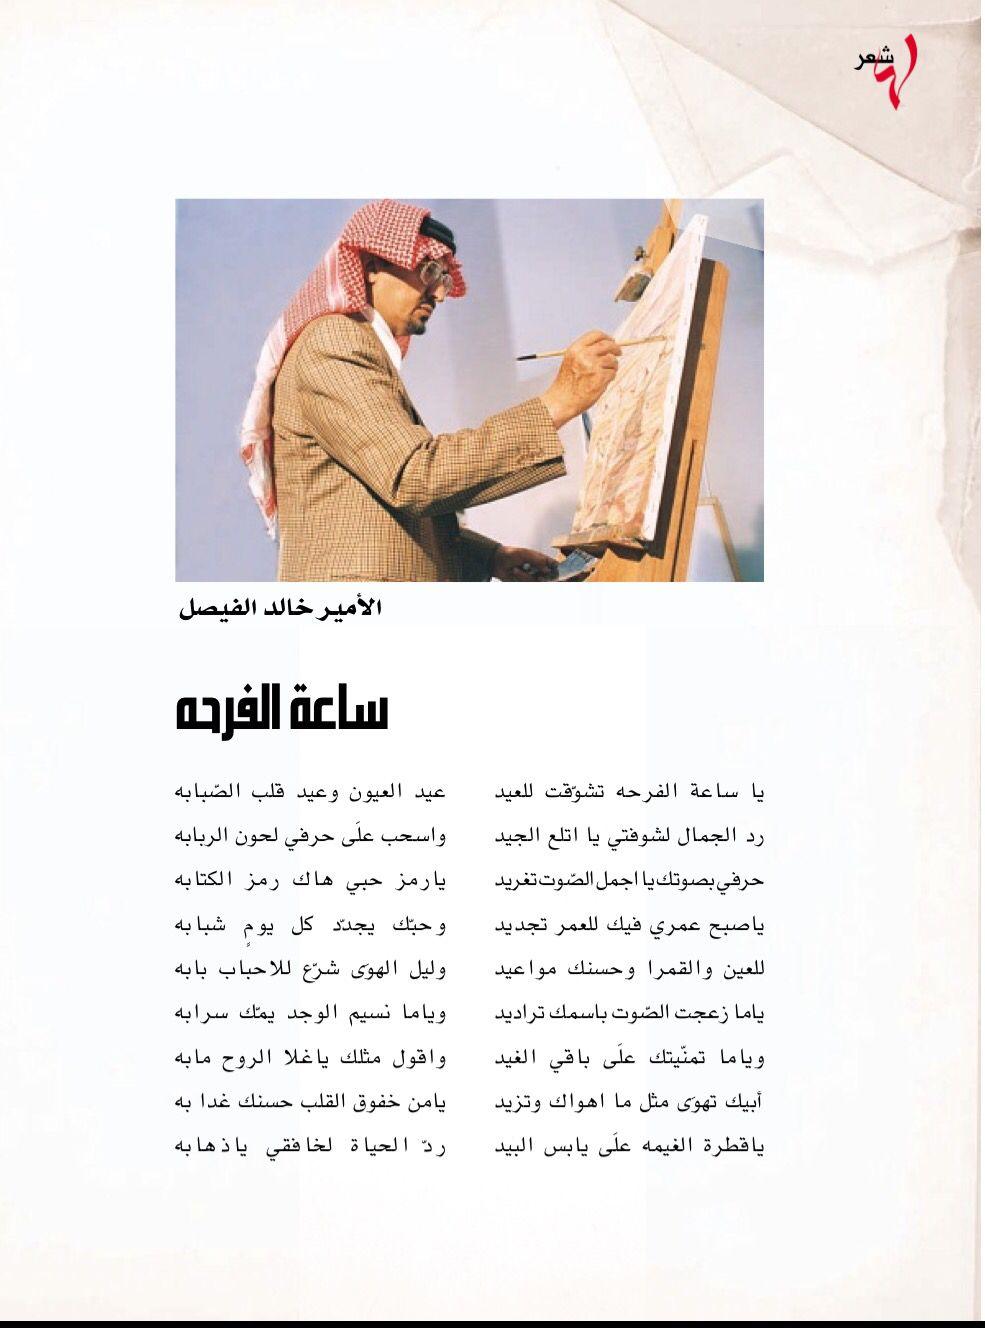 ساعة الفرحة خالد الفيصل Words Quotes Love Words Words